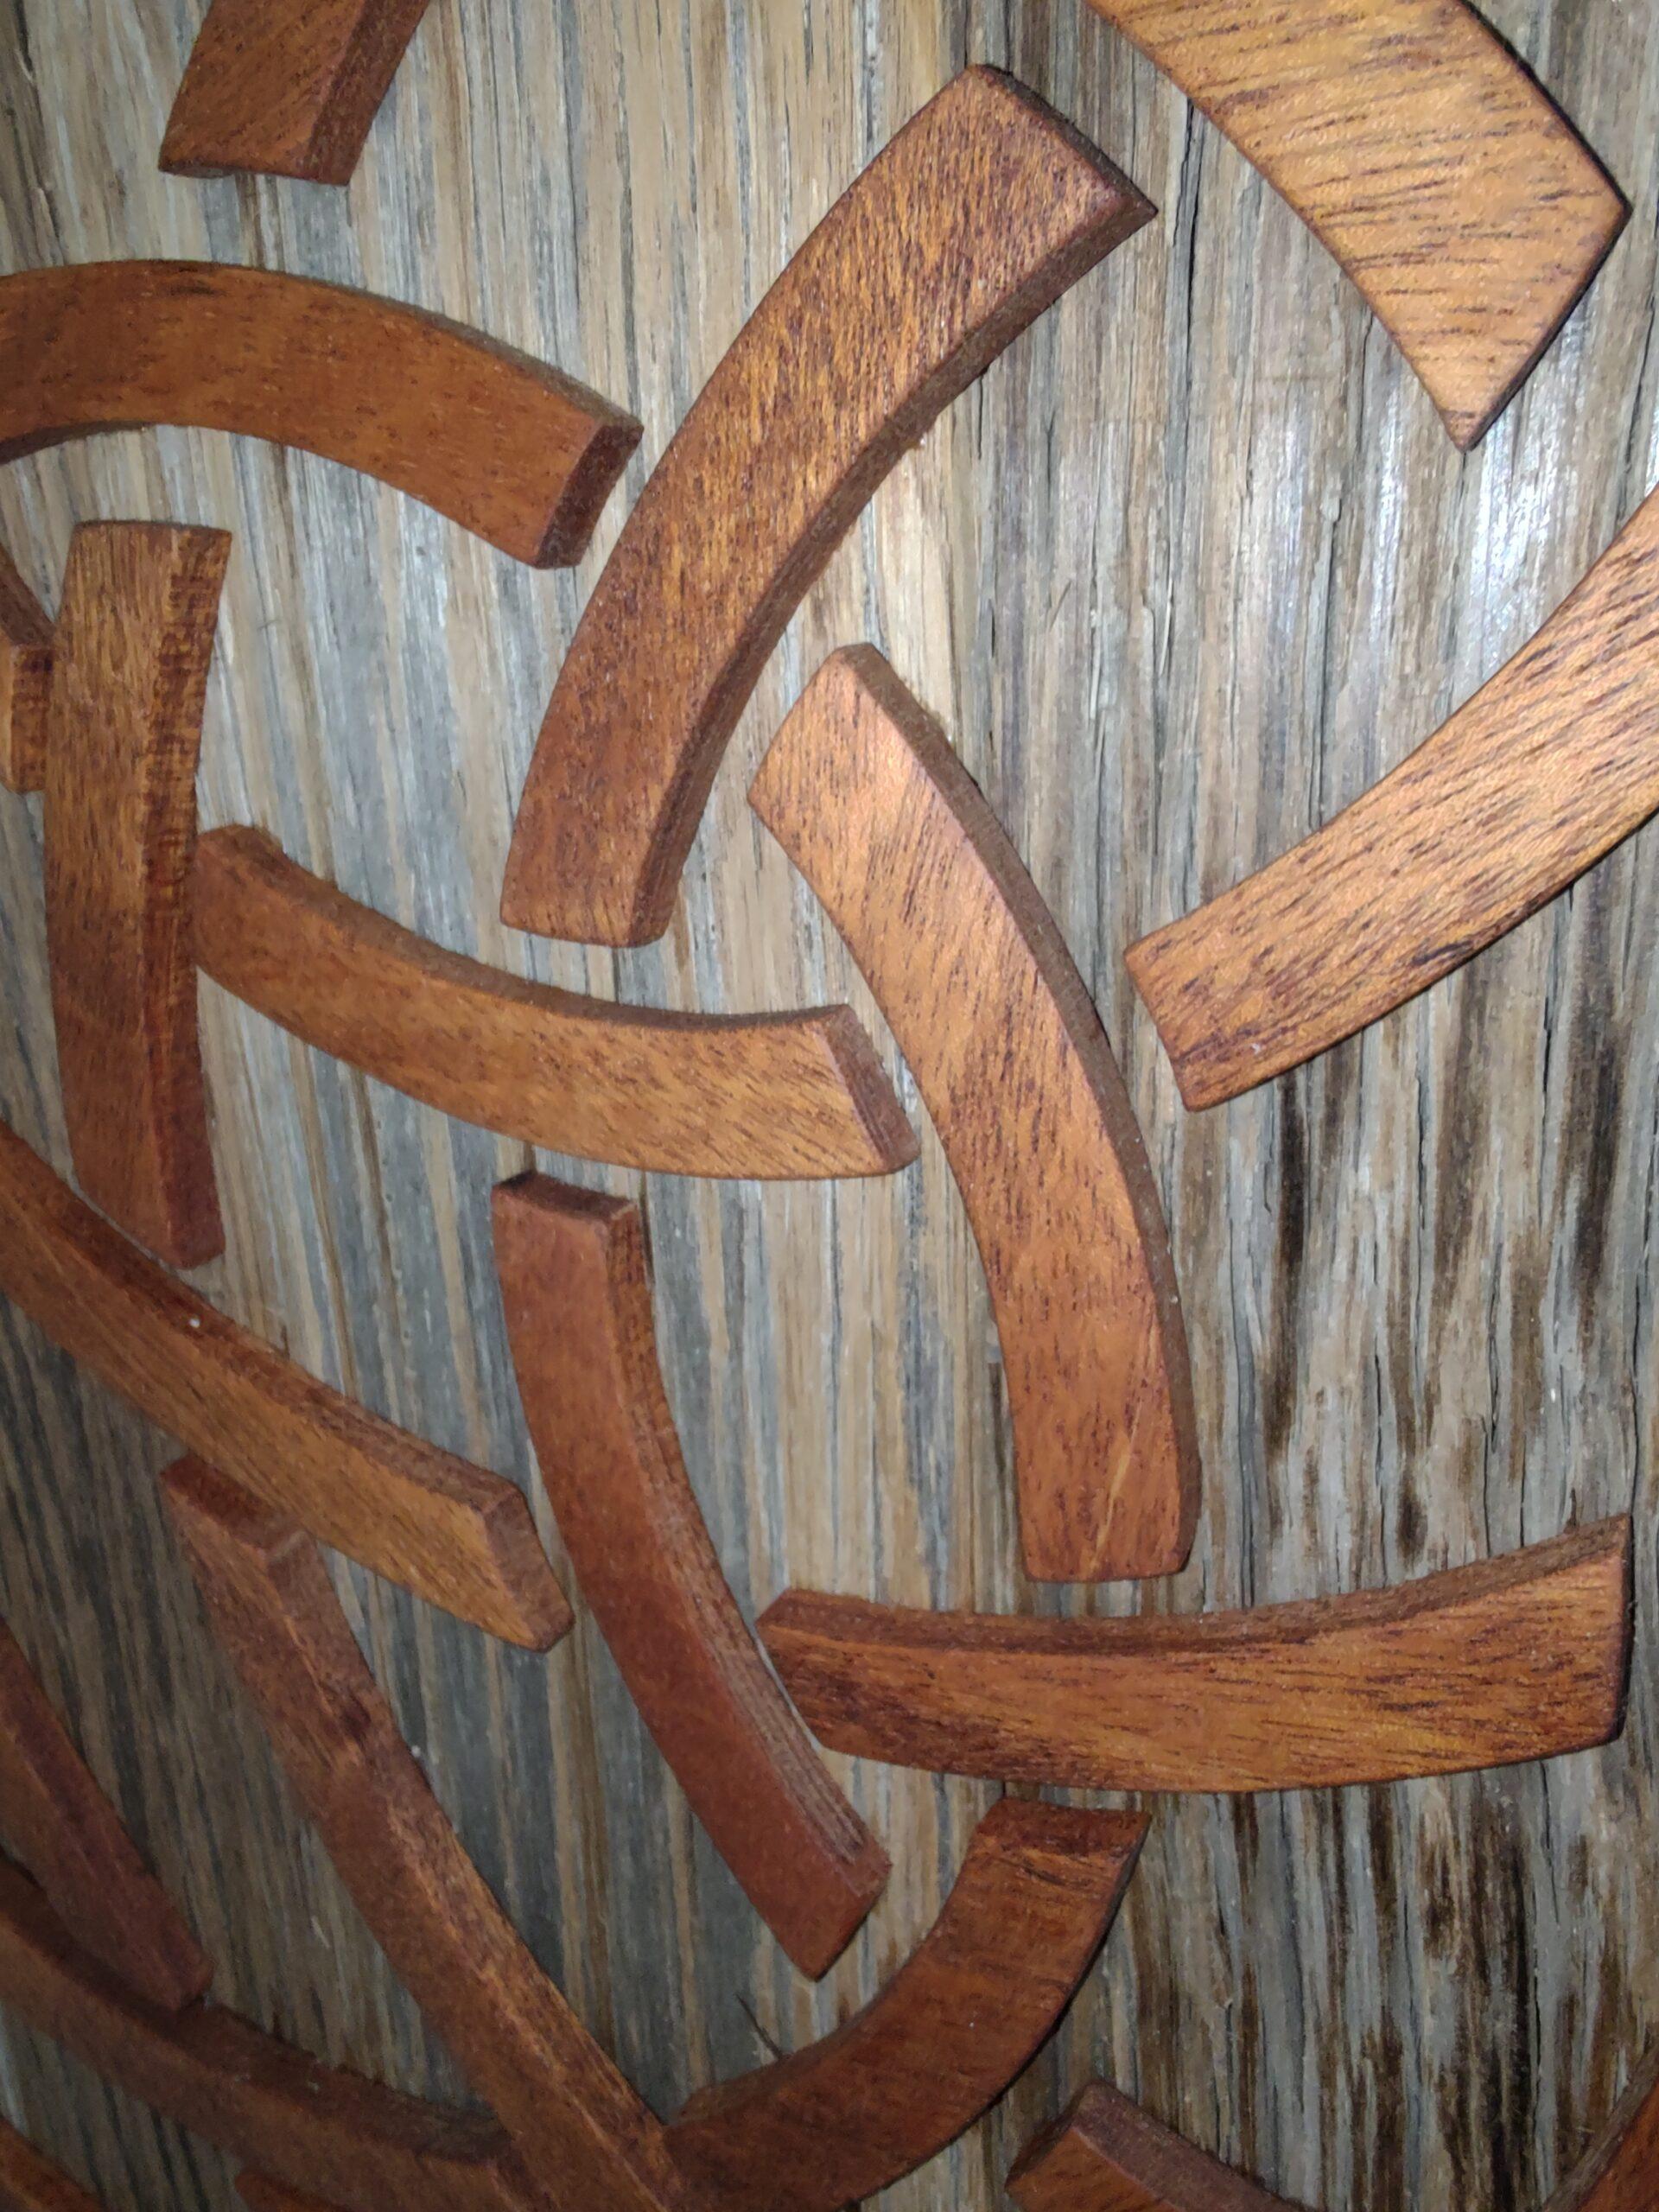 unicursal tri spiral knot